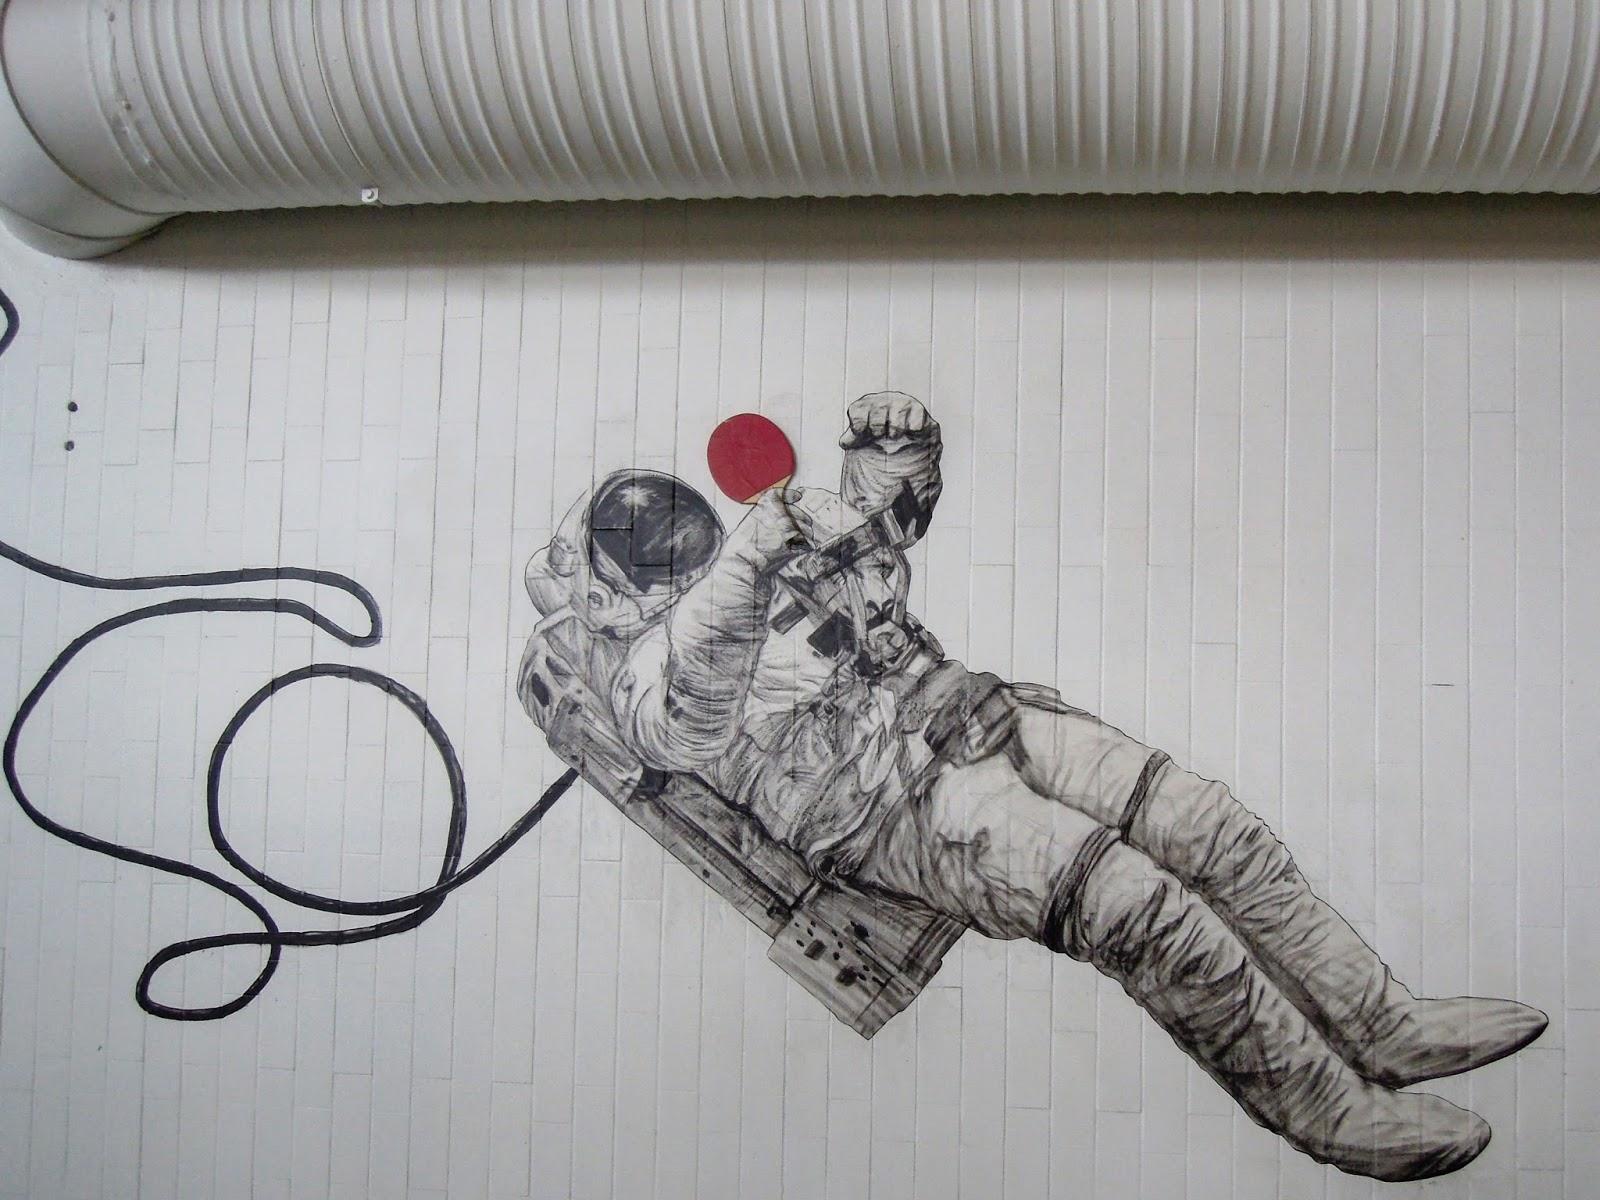 art by levalet, quai 36, gare du nord, street art, art de rue, wildstreet